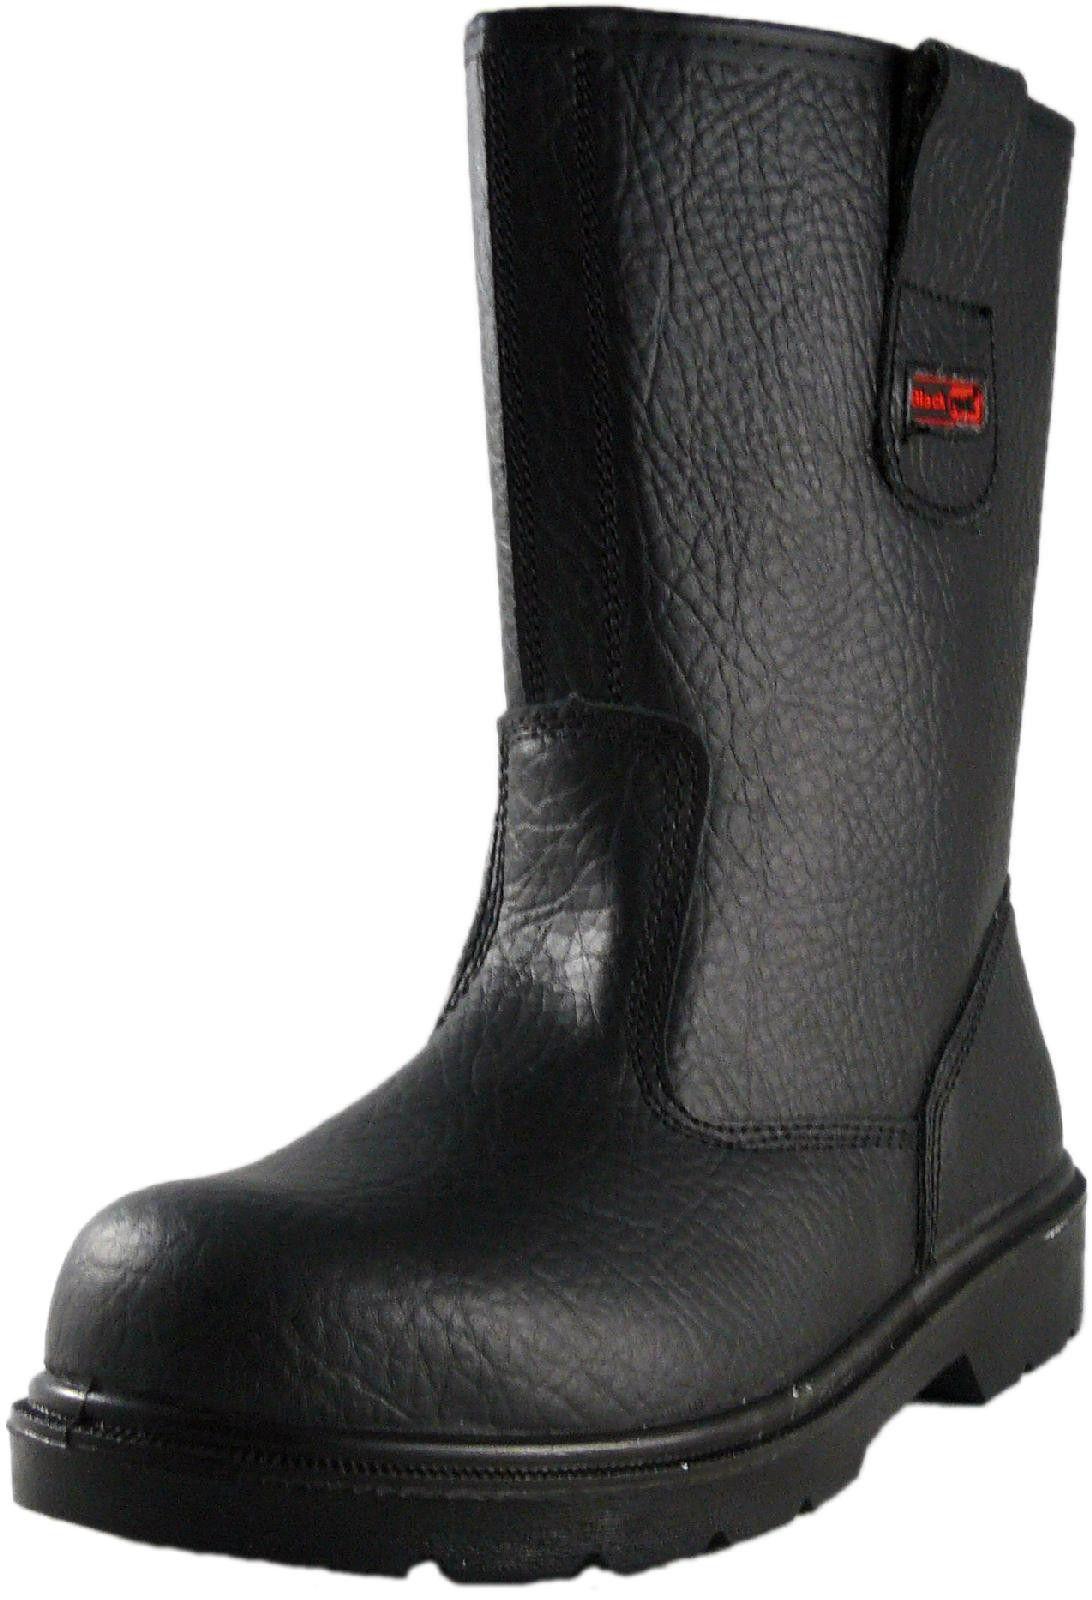 87e70f8a2d0 Blackrock Fur Lined Steel Toe Rigger Work Boots Black / Tan Mens ...